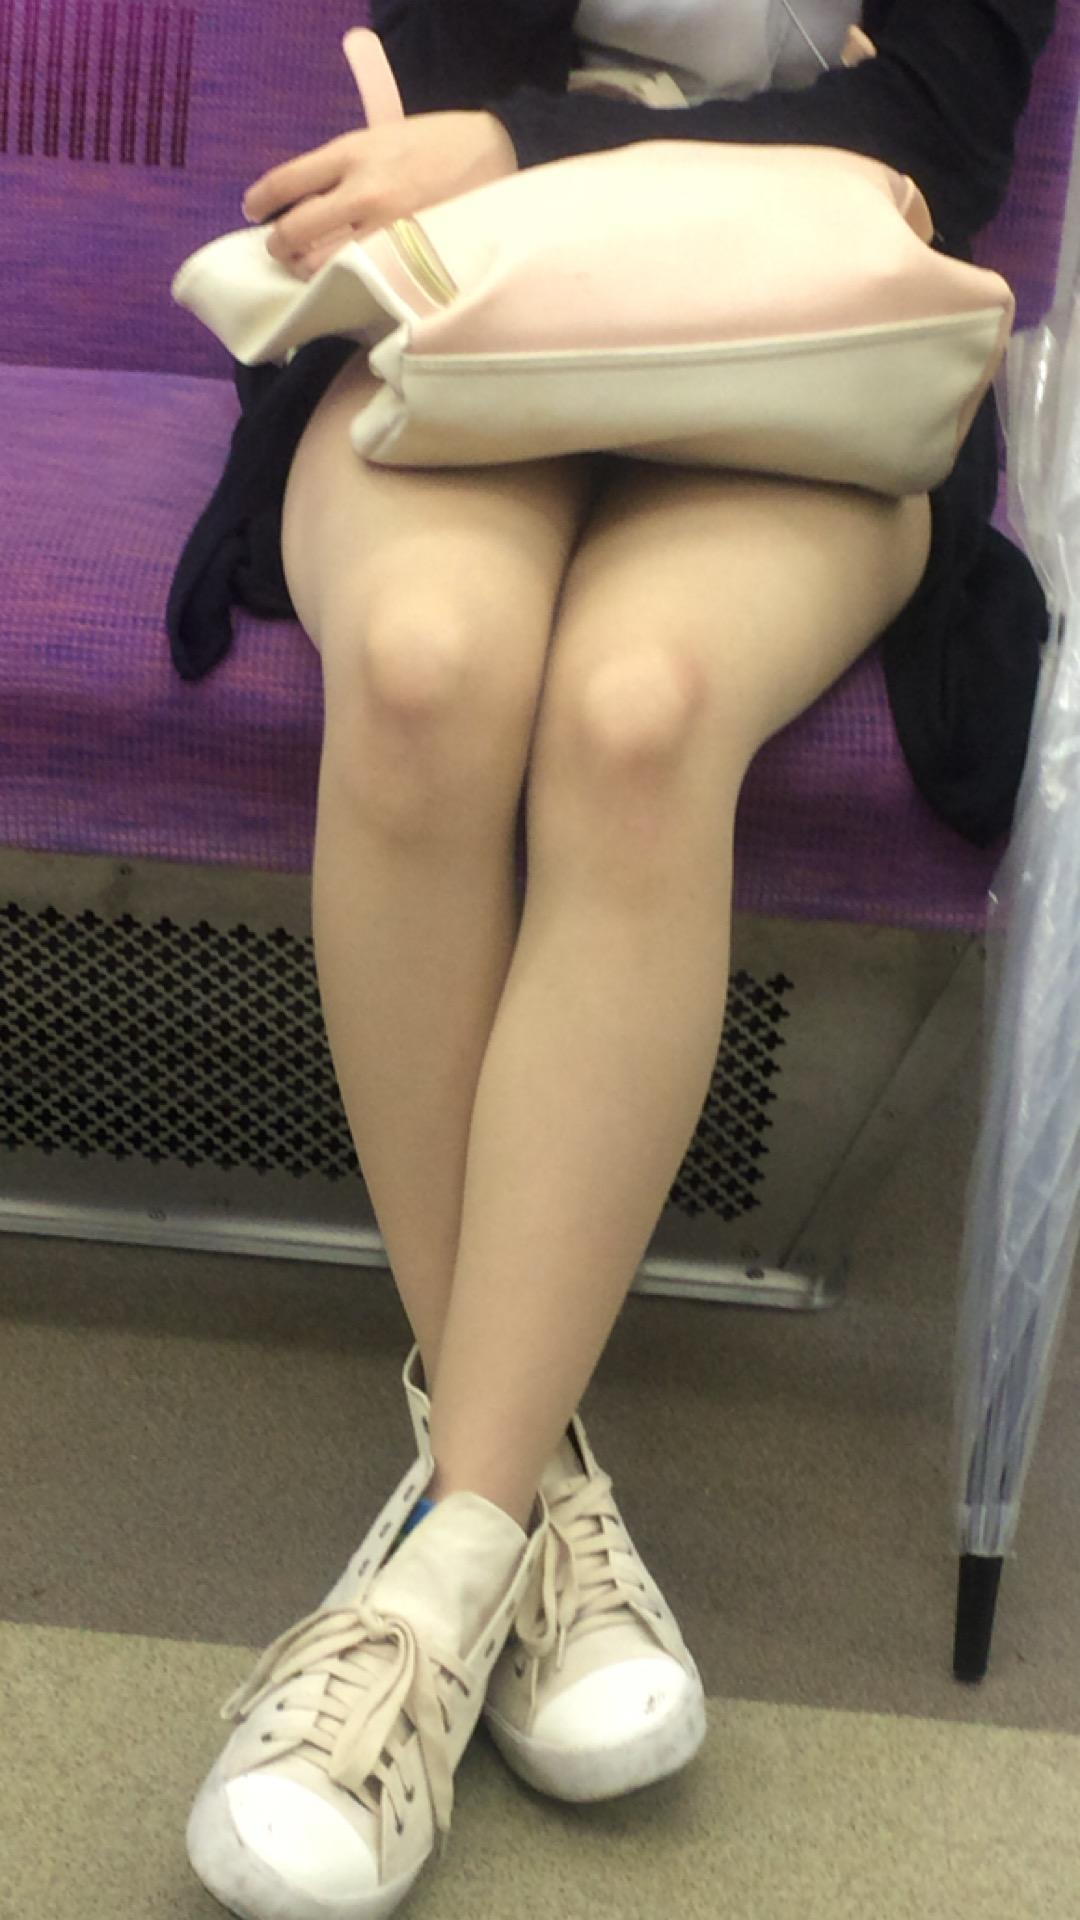 急に飛び込んでくる街中で見る美脚女子のエロ画像33枚・17枚目の画像